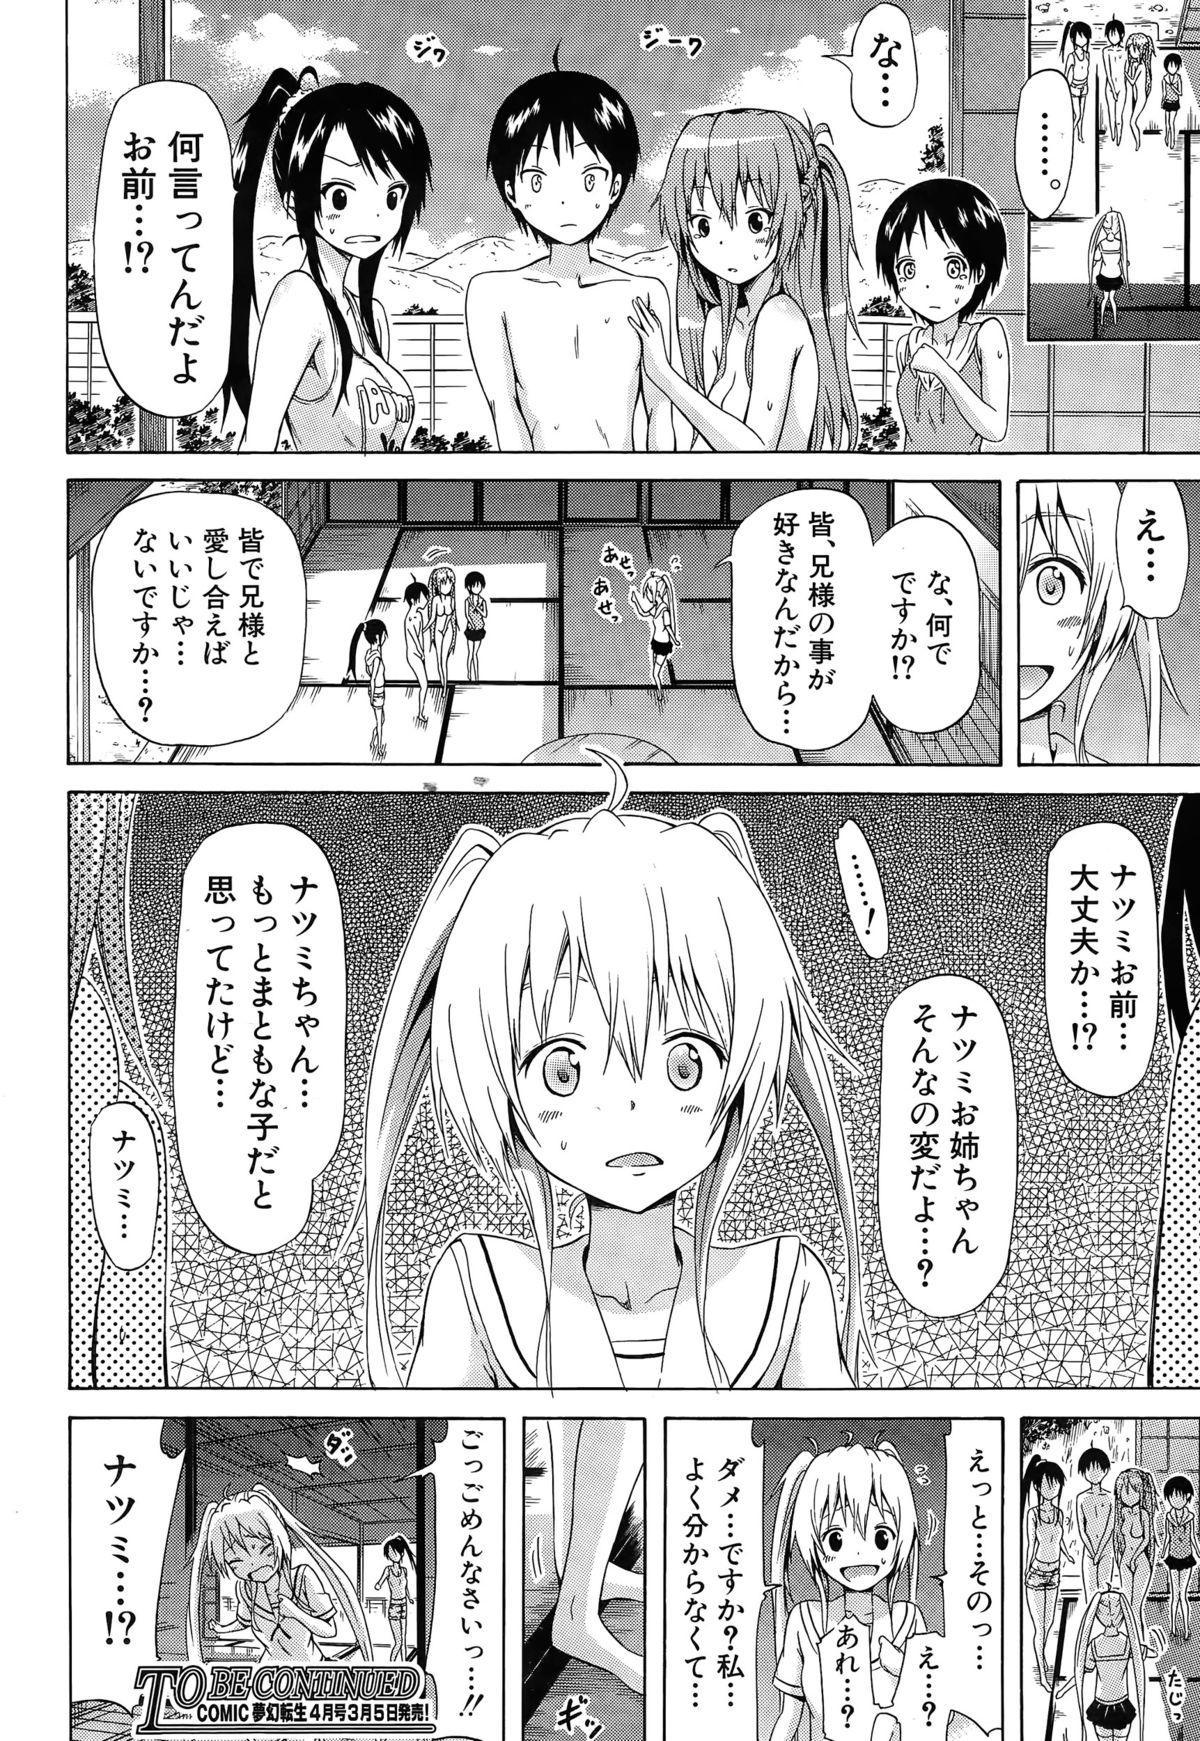 Natsumitsu x Harem! 161